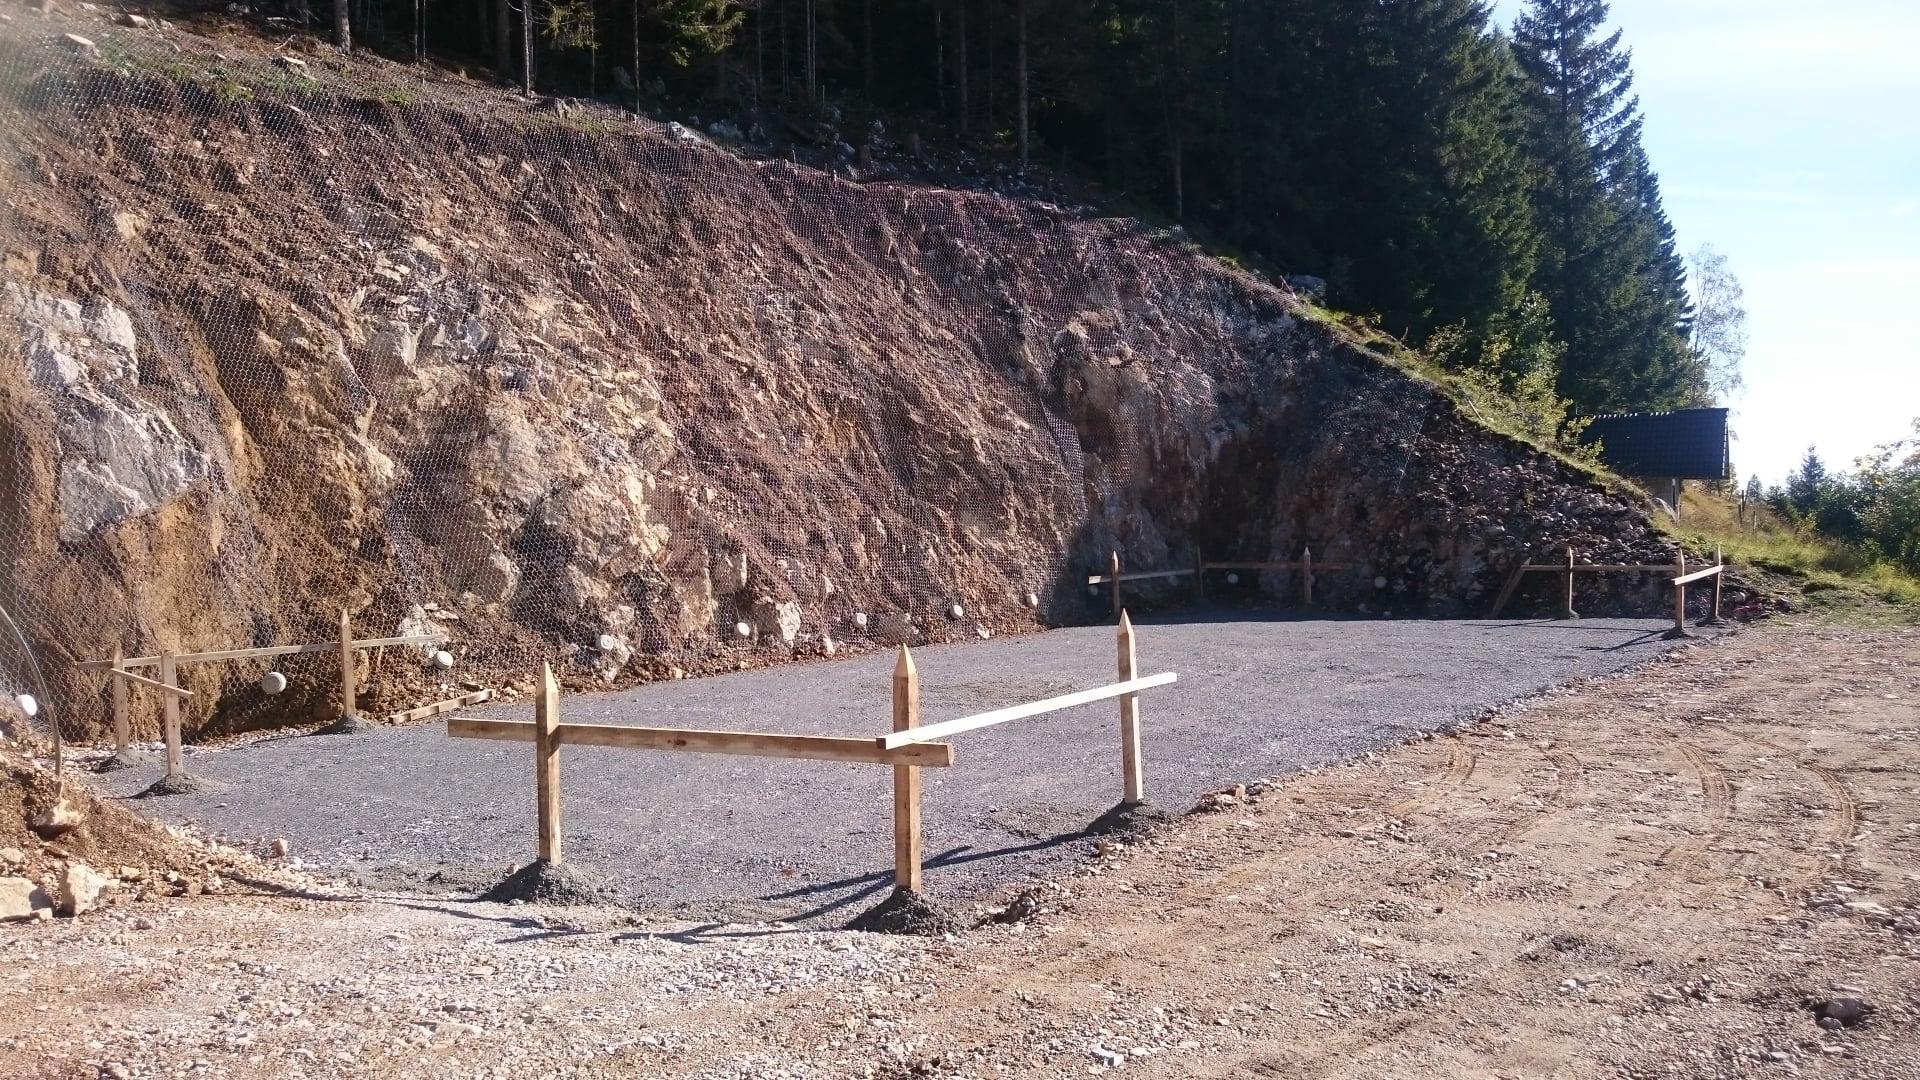 mozirska-koca-podlozni-beton-20211006-01